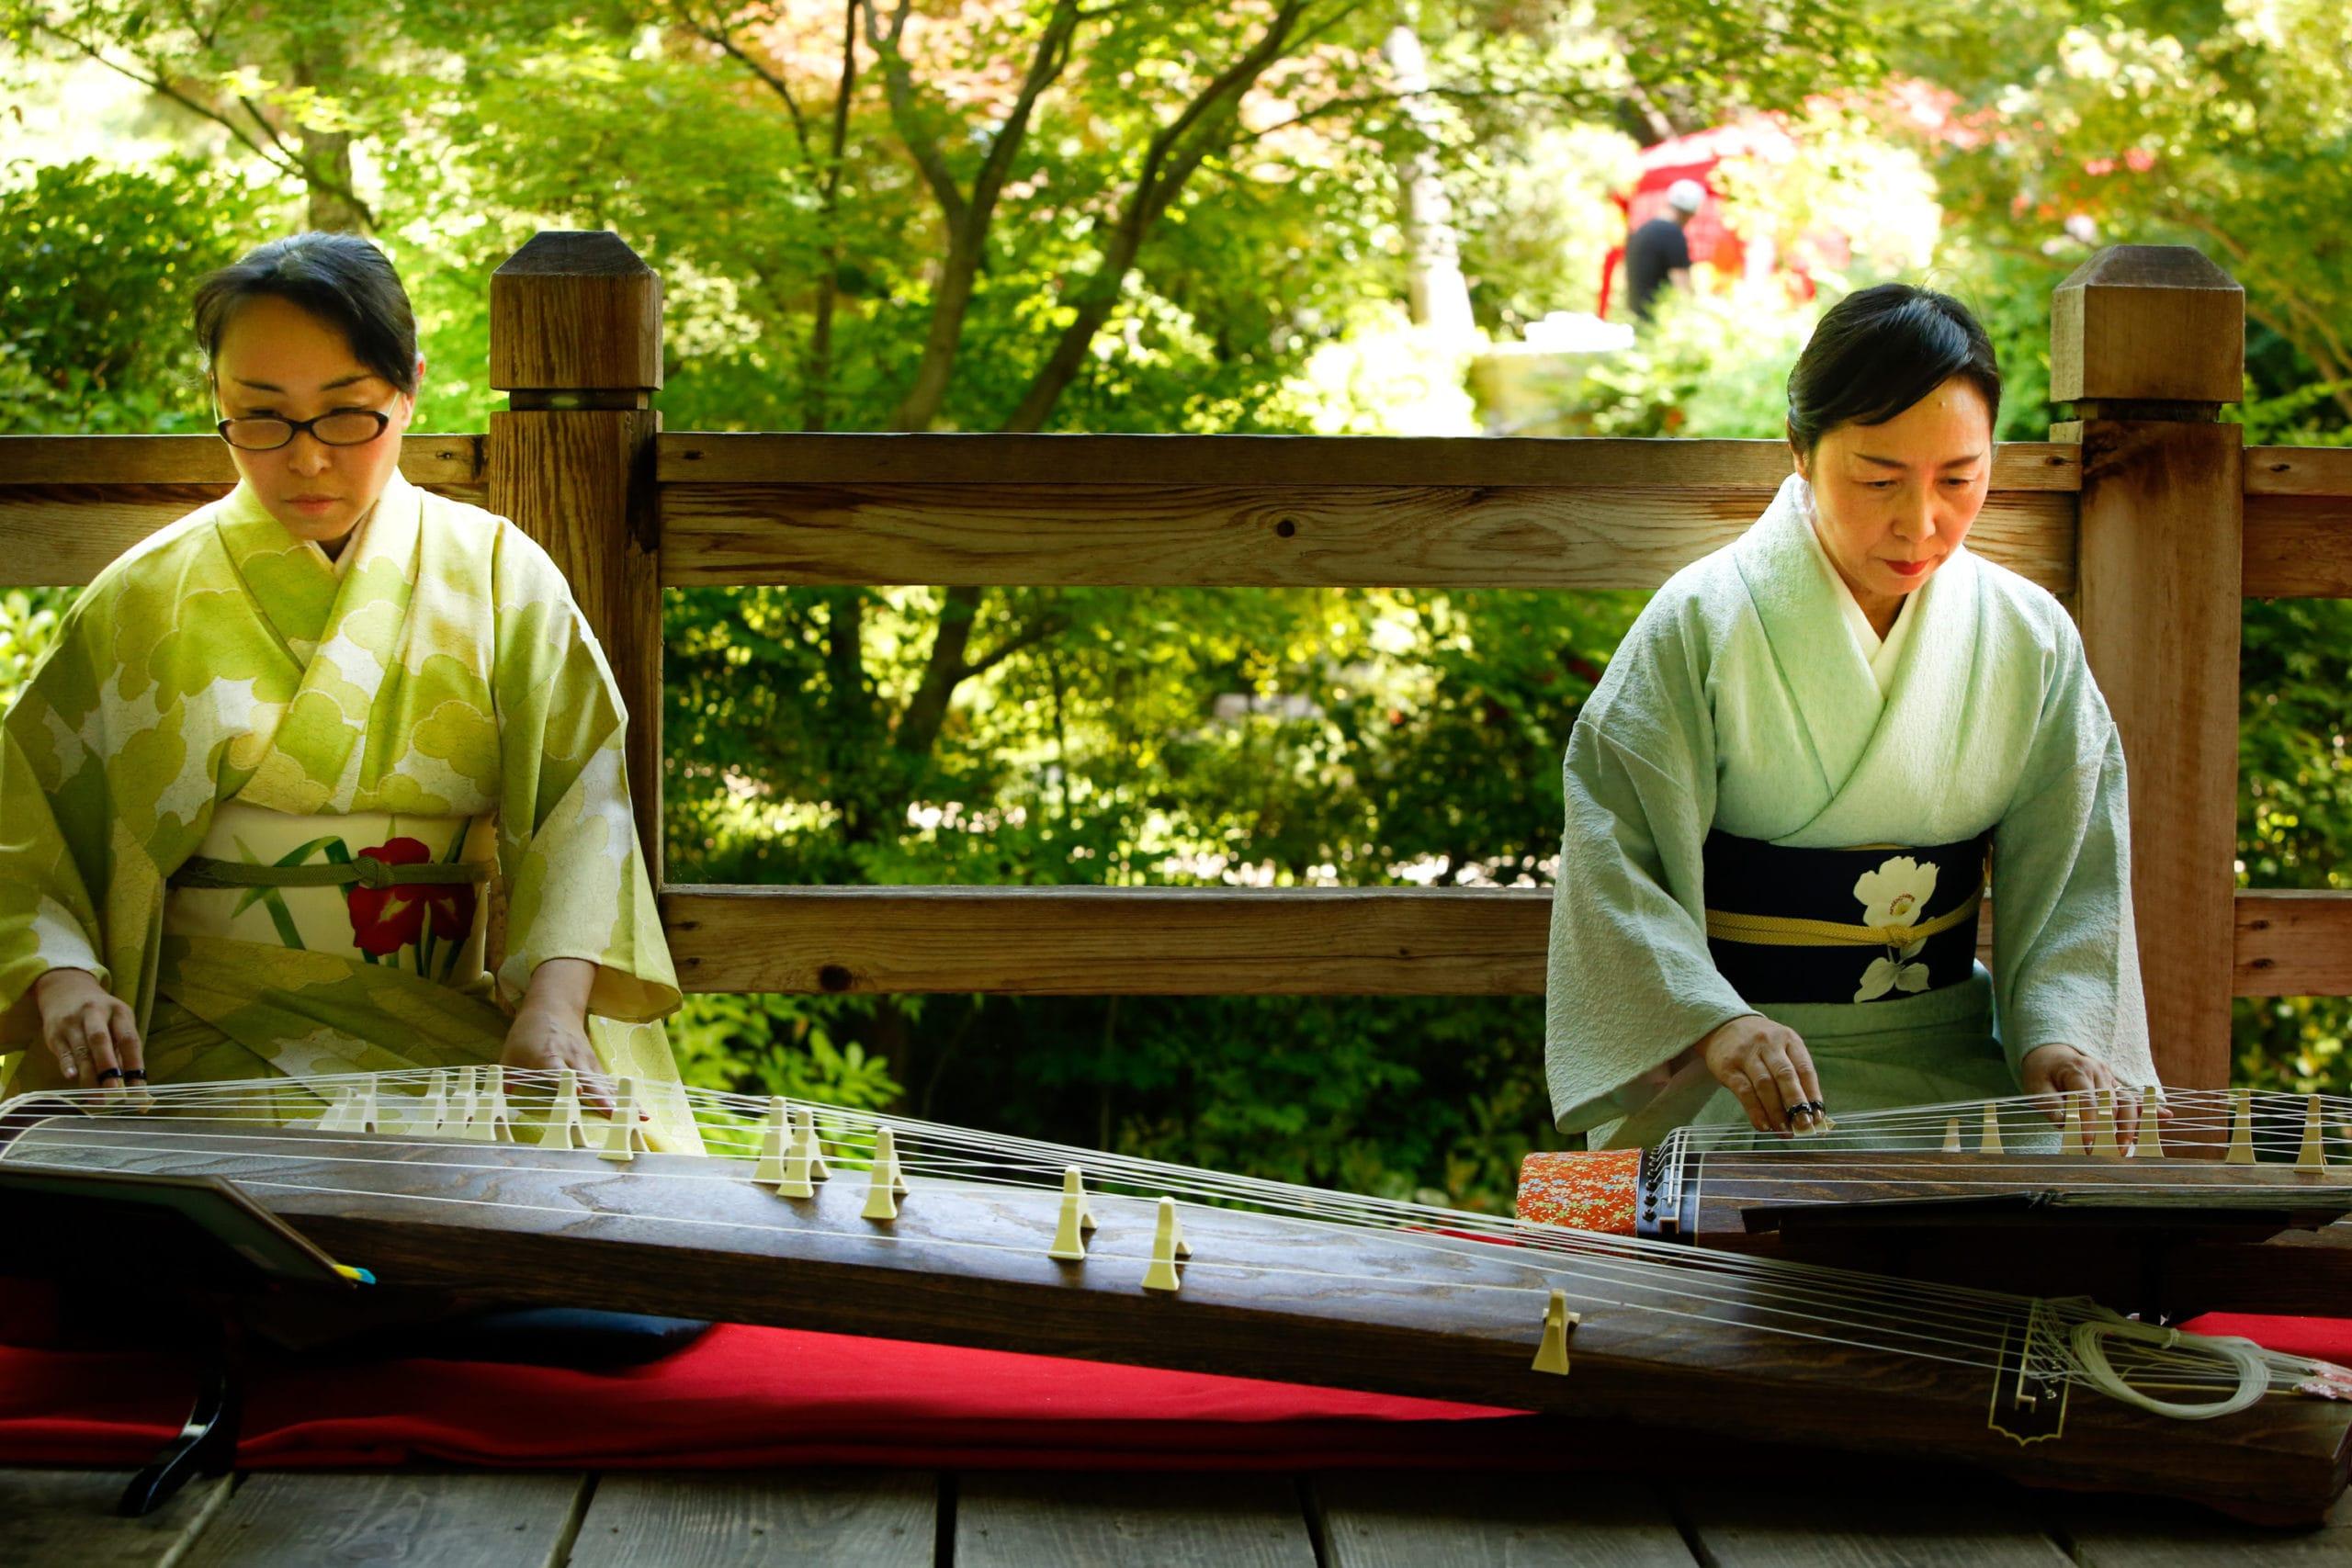 Fall Festival in the Japanese Garden